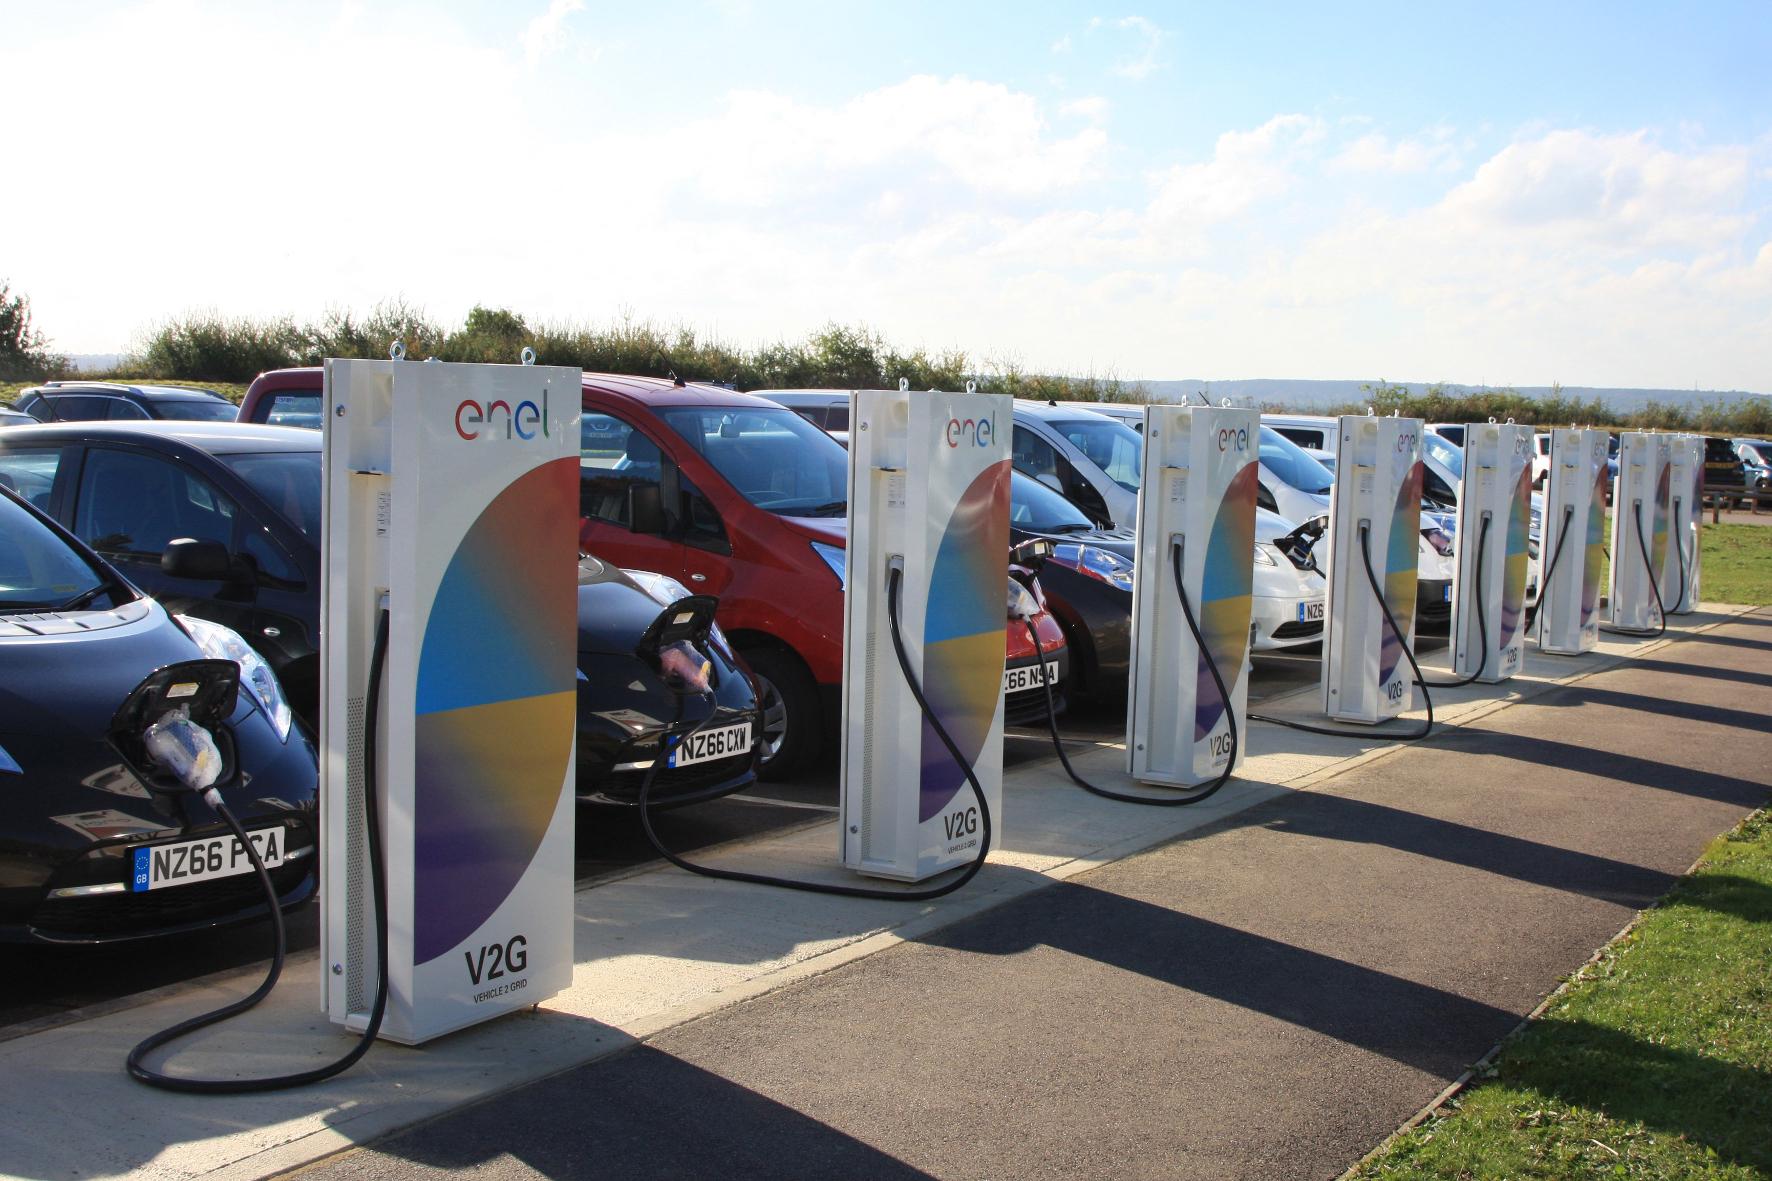 mid Groß-Gerau - Geben und nehmen: Am Nissan Forschungsstandort im britischen Cranfield können an Vehicle2Grid-Stationen E-Autos geladen werden oder Belastungsspitzen im Netz abfedern.